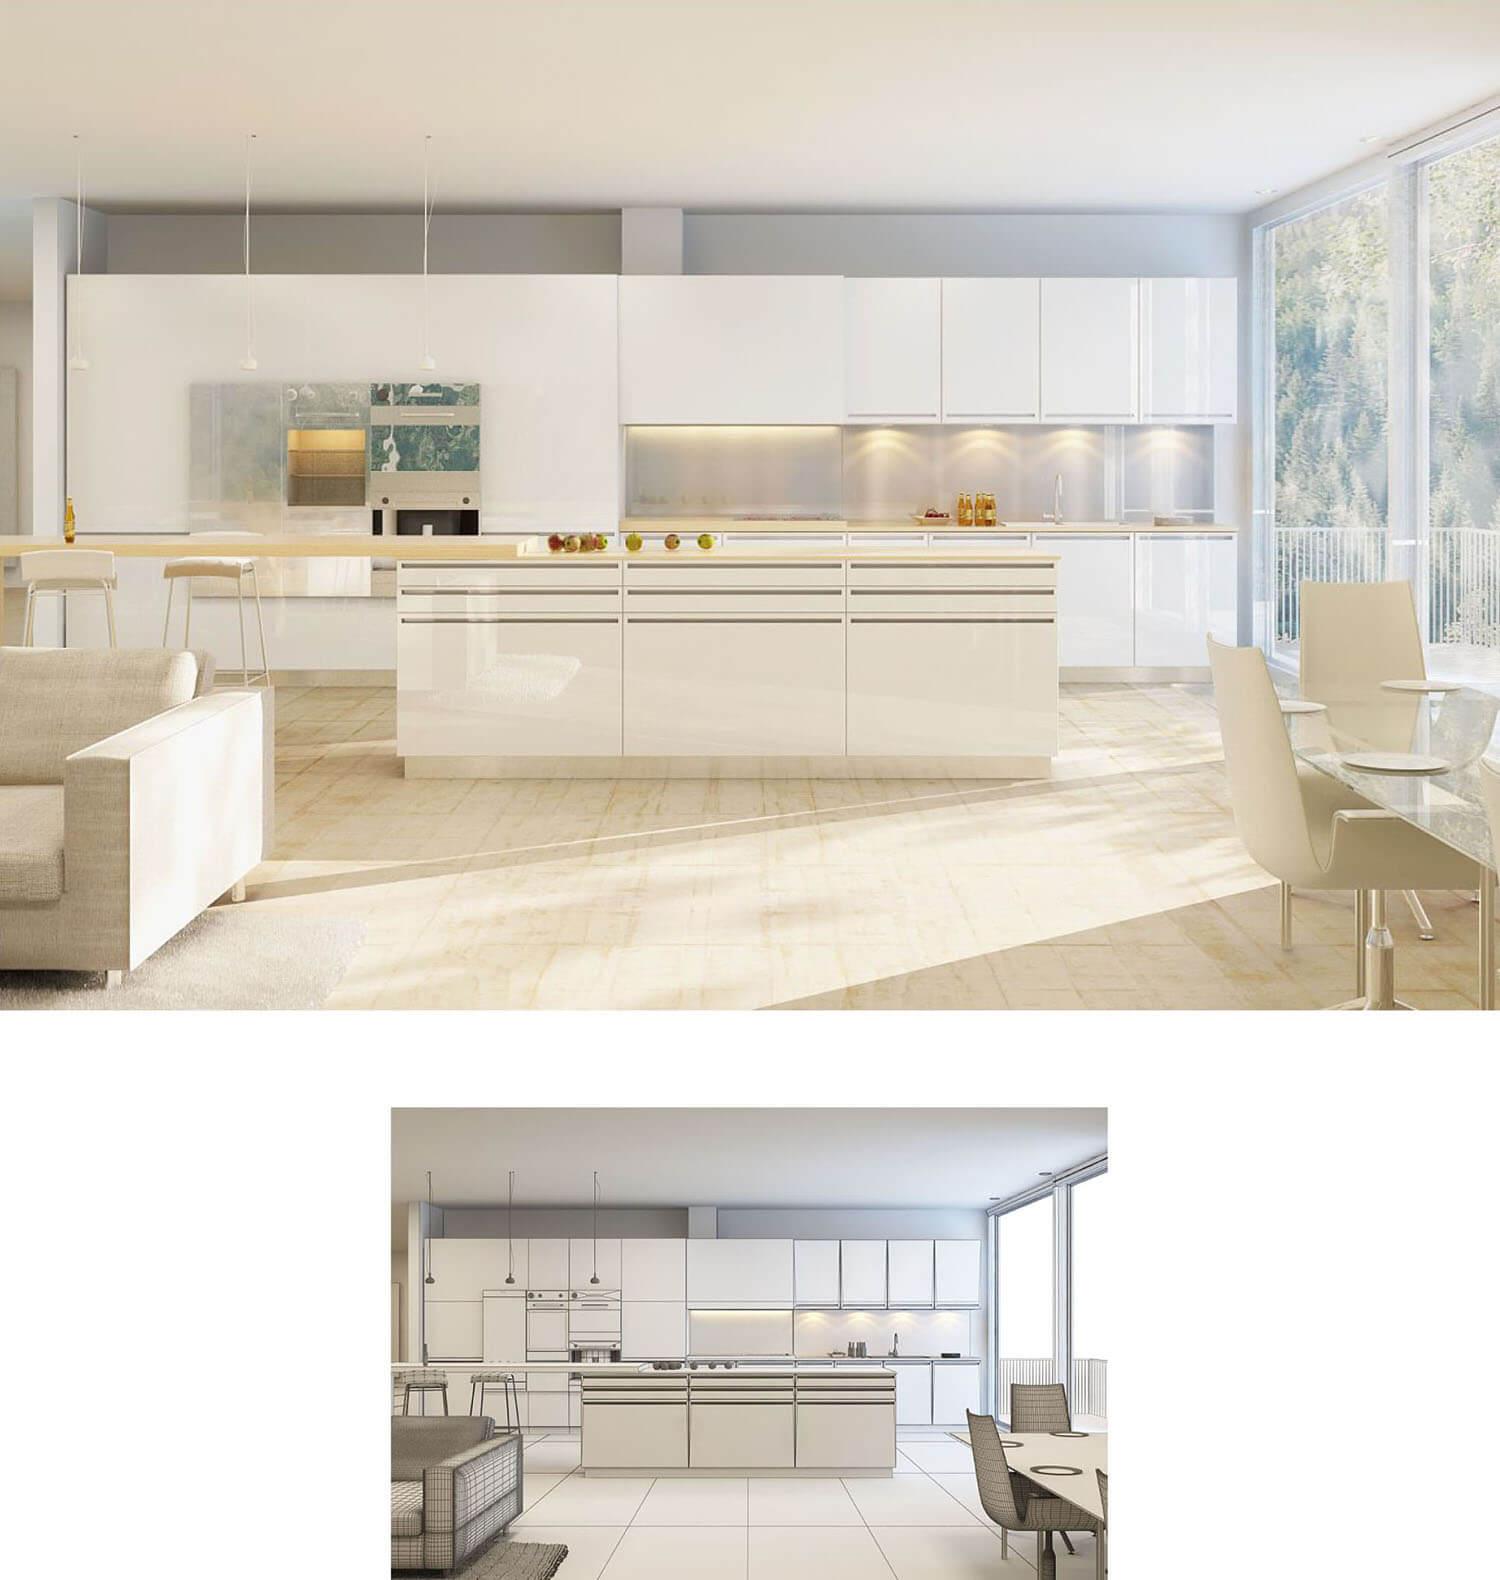 Nội thất phòng bếp đẹp và sang trọng với bộ tủ và kệ bếp cùng nên tường trắng sáng